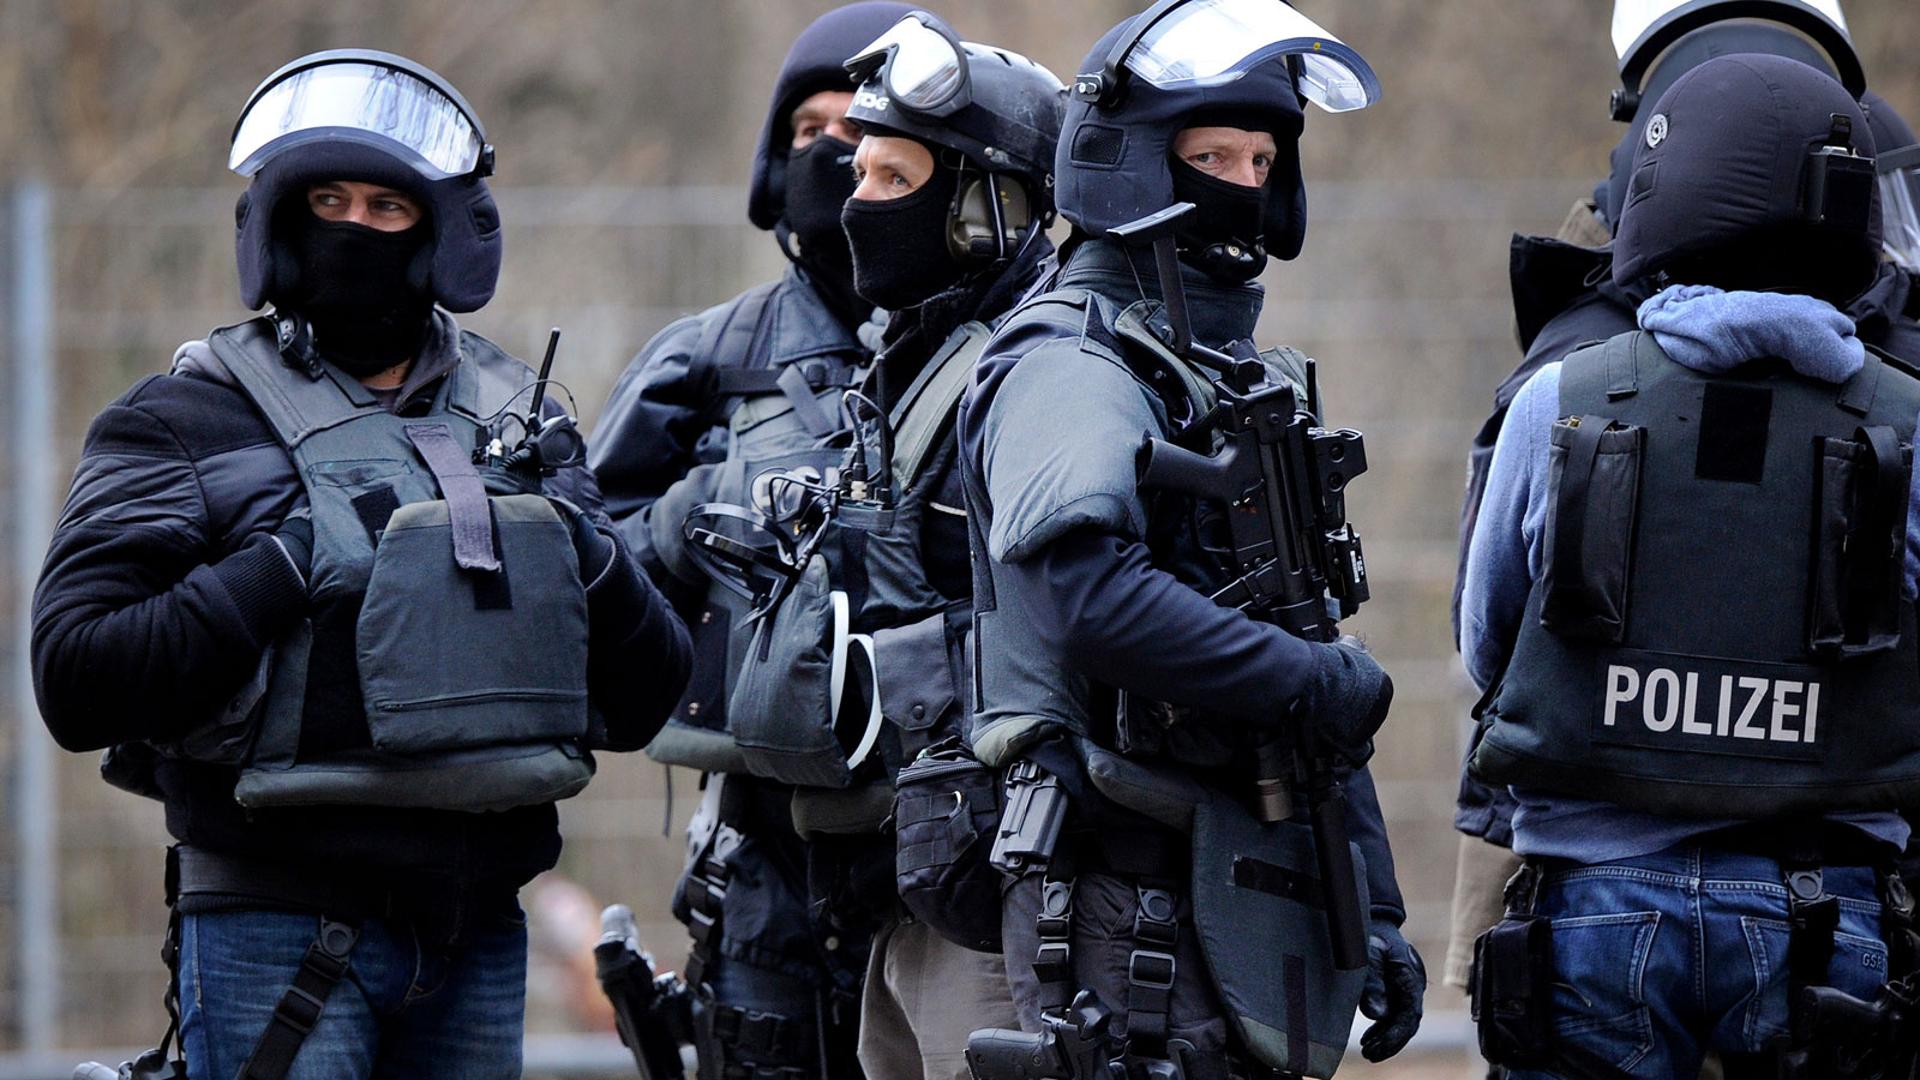 Polizei datiert australia